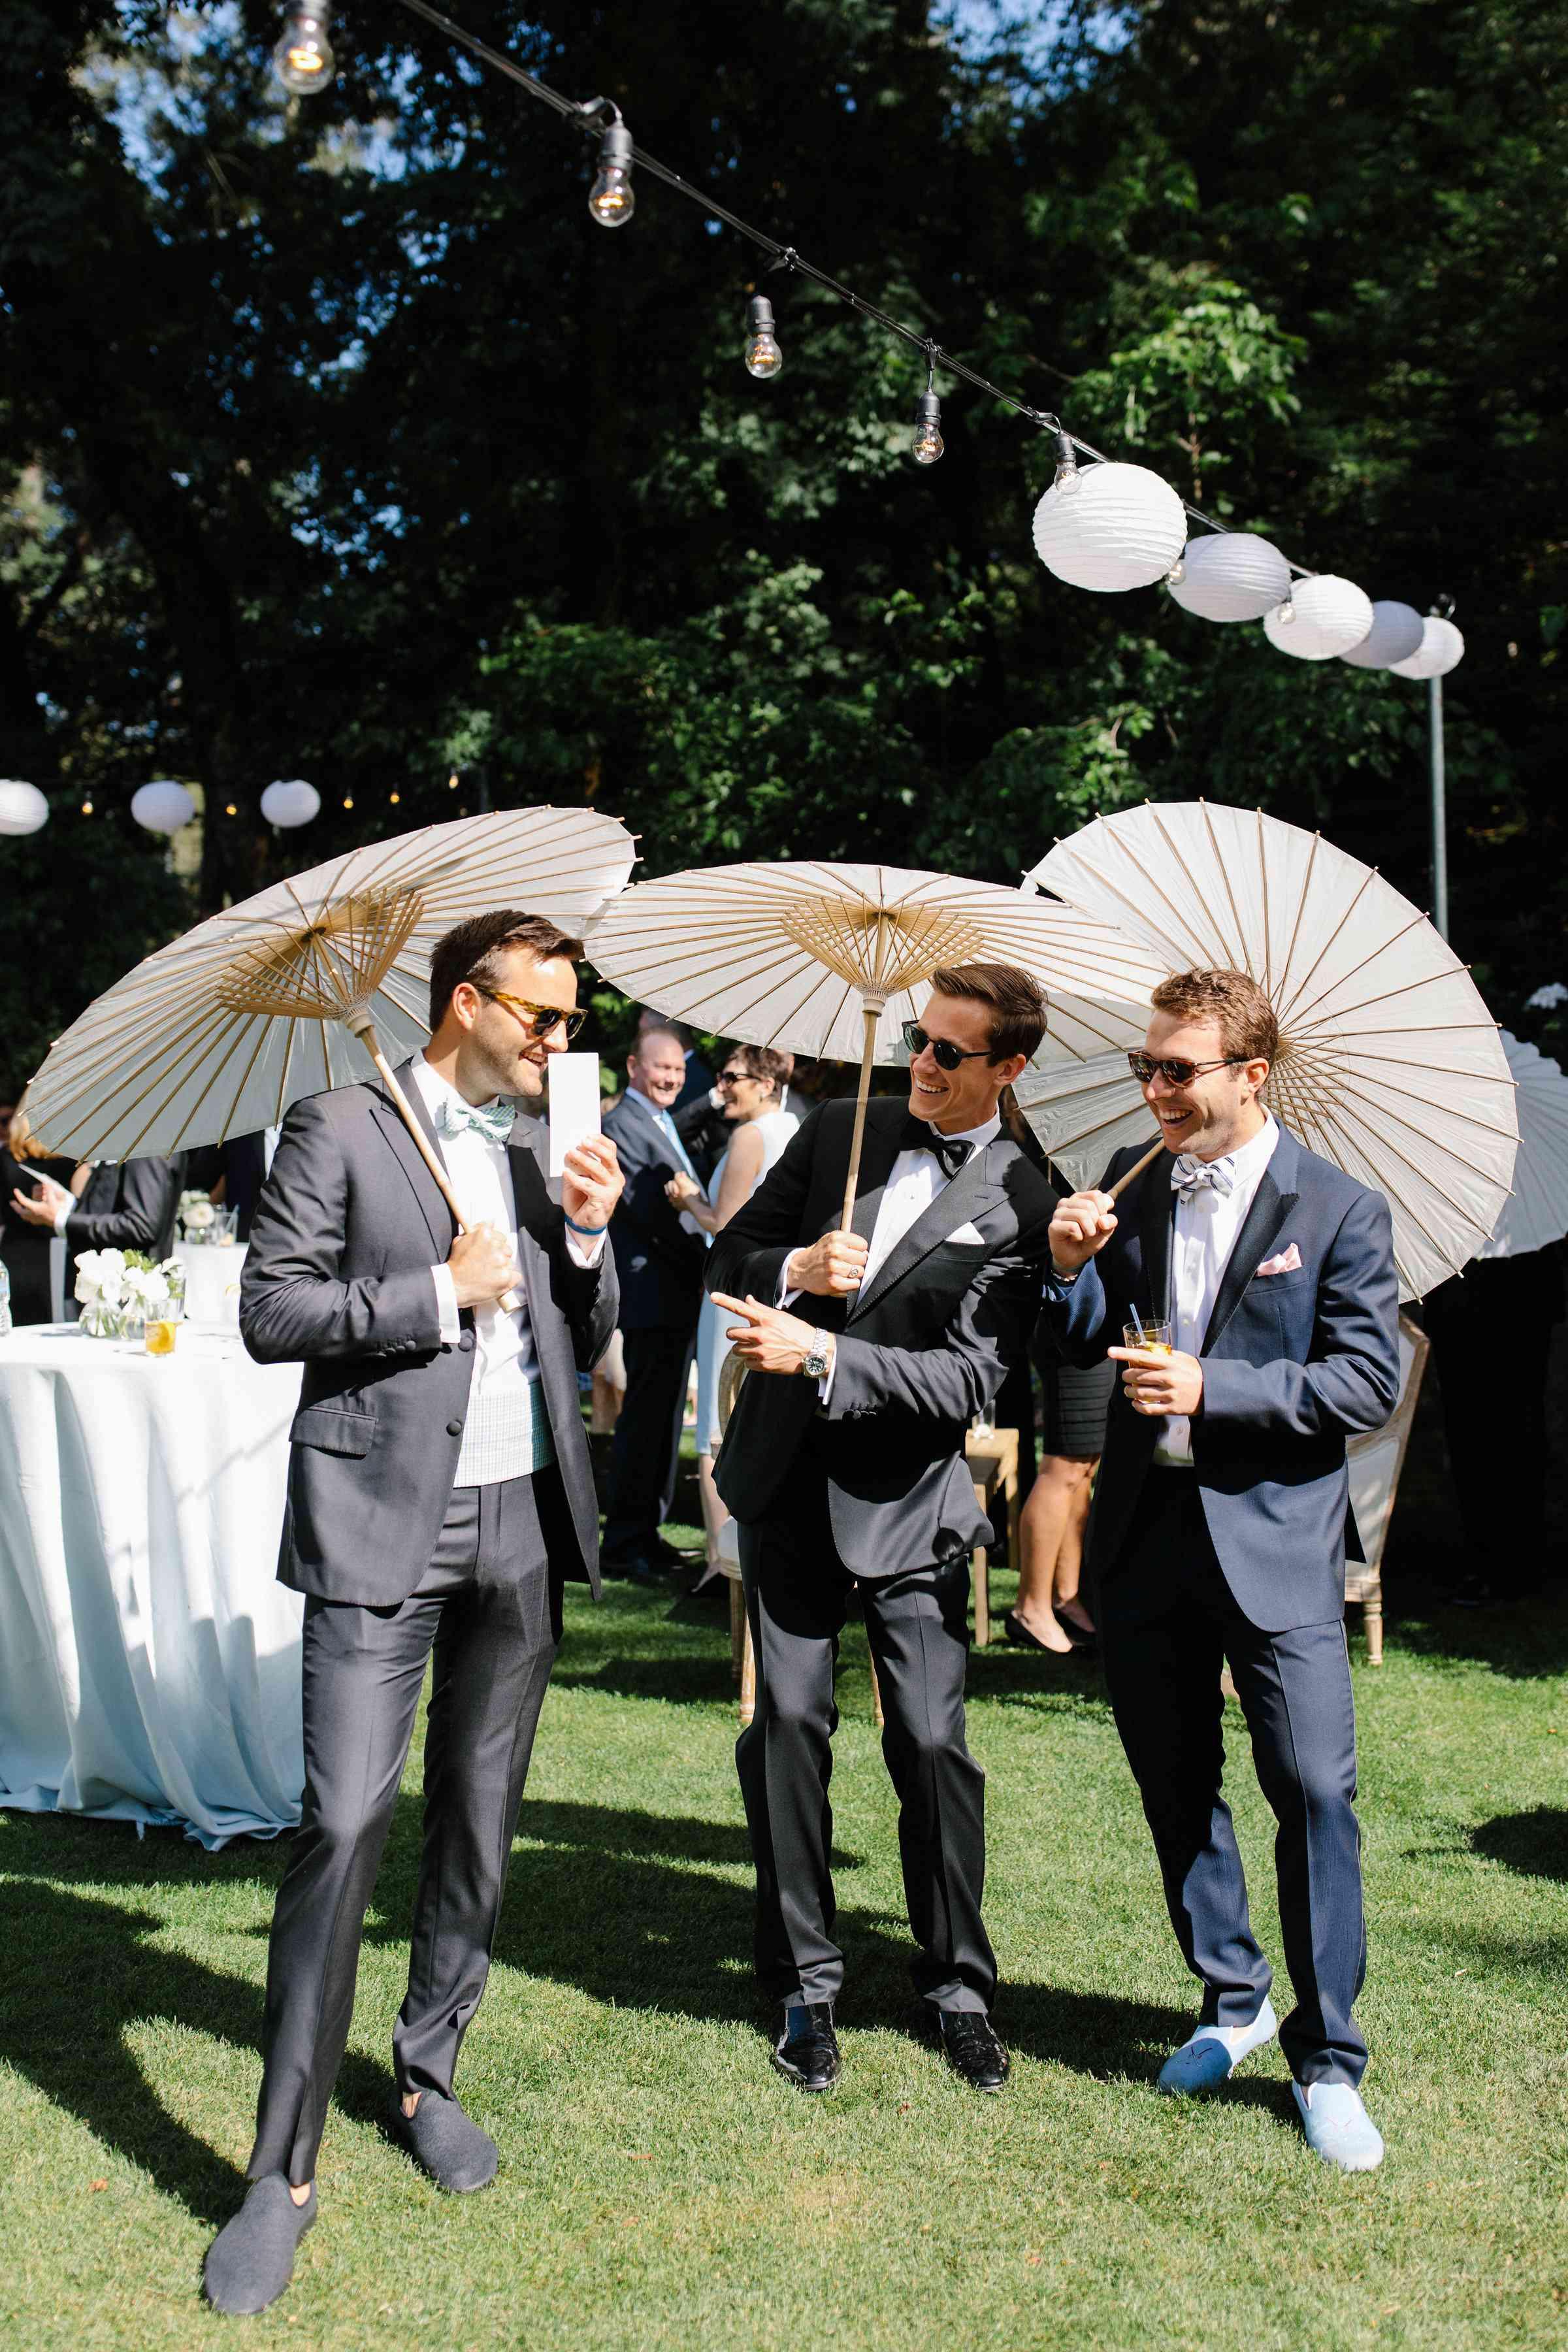 <p>wedding guests with parasols</p><br><br>